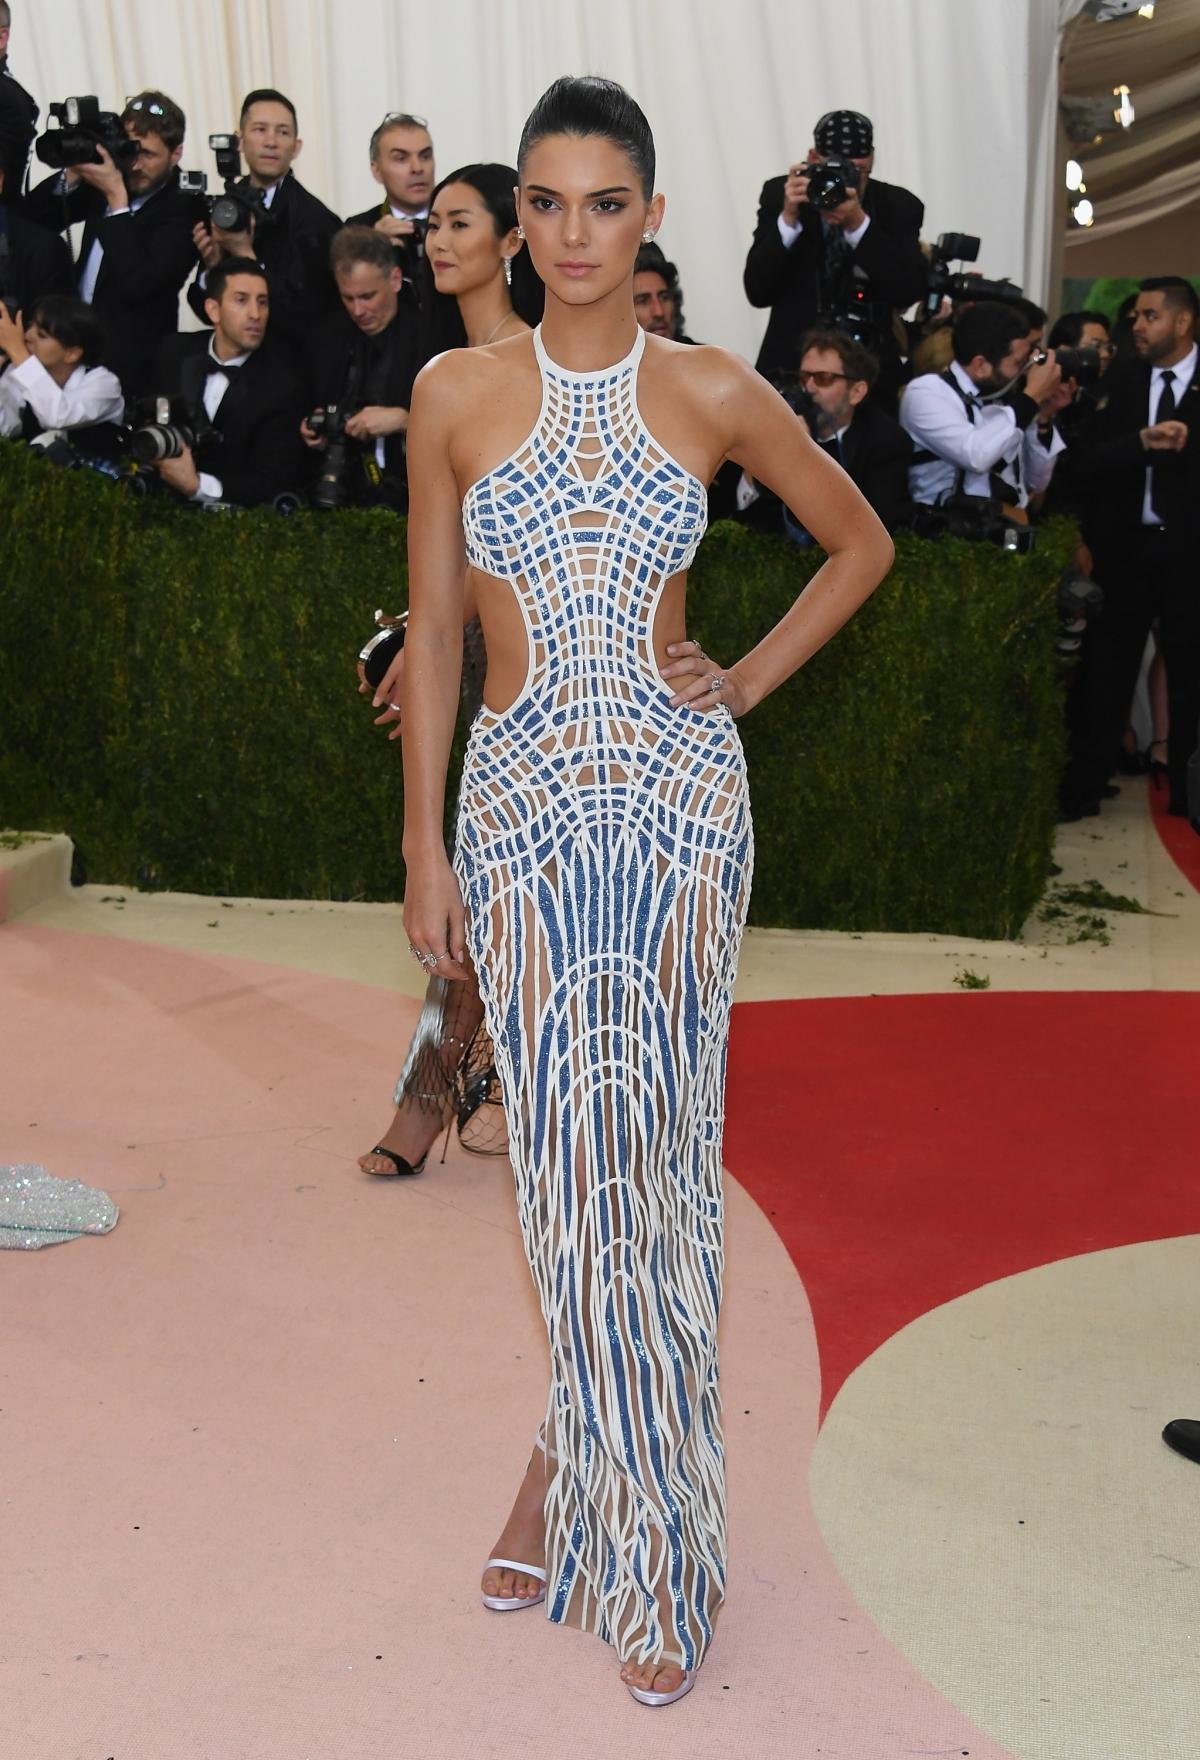 Kendal Jenner at Met Gala 2016